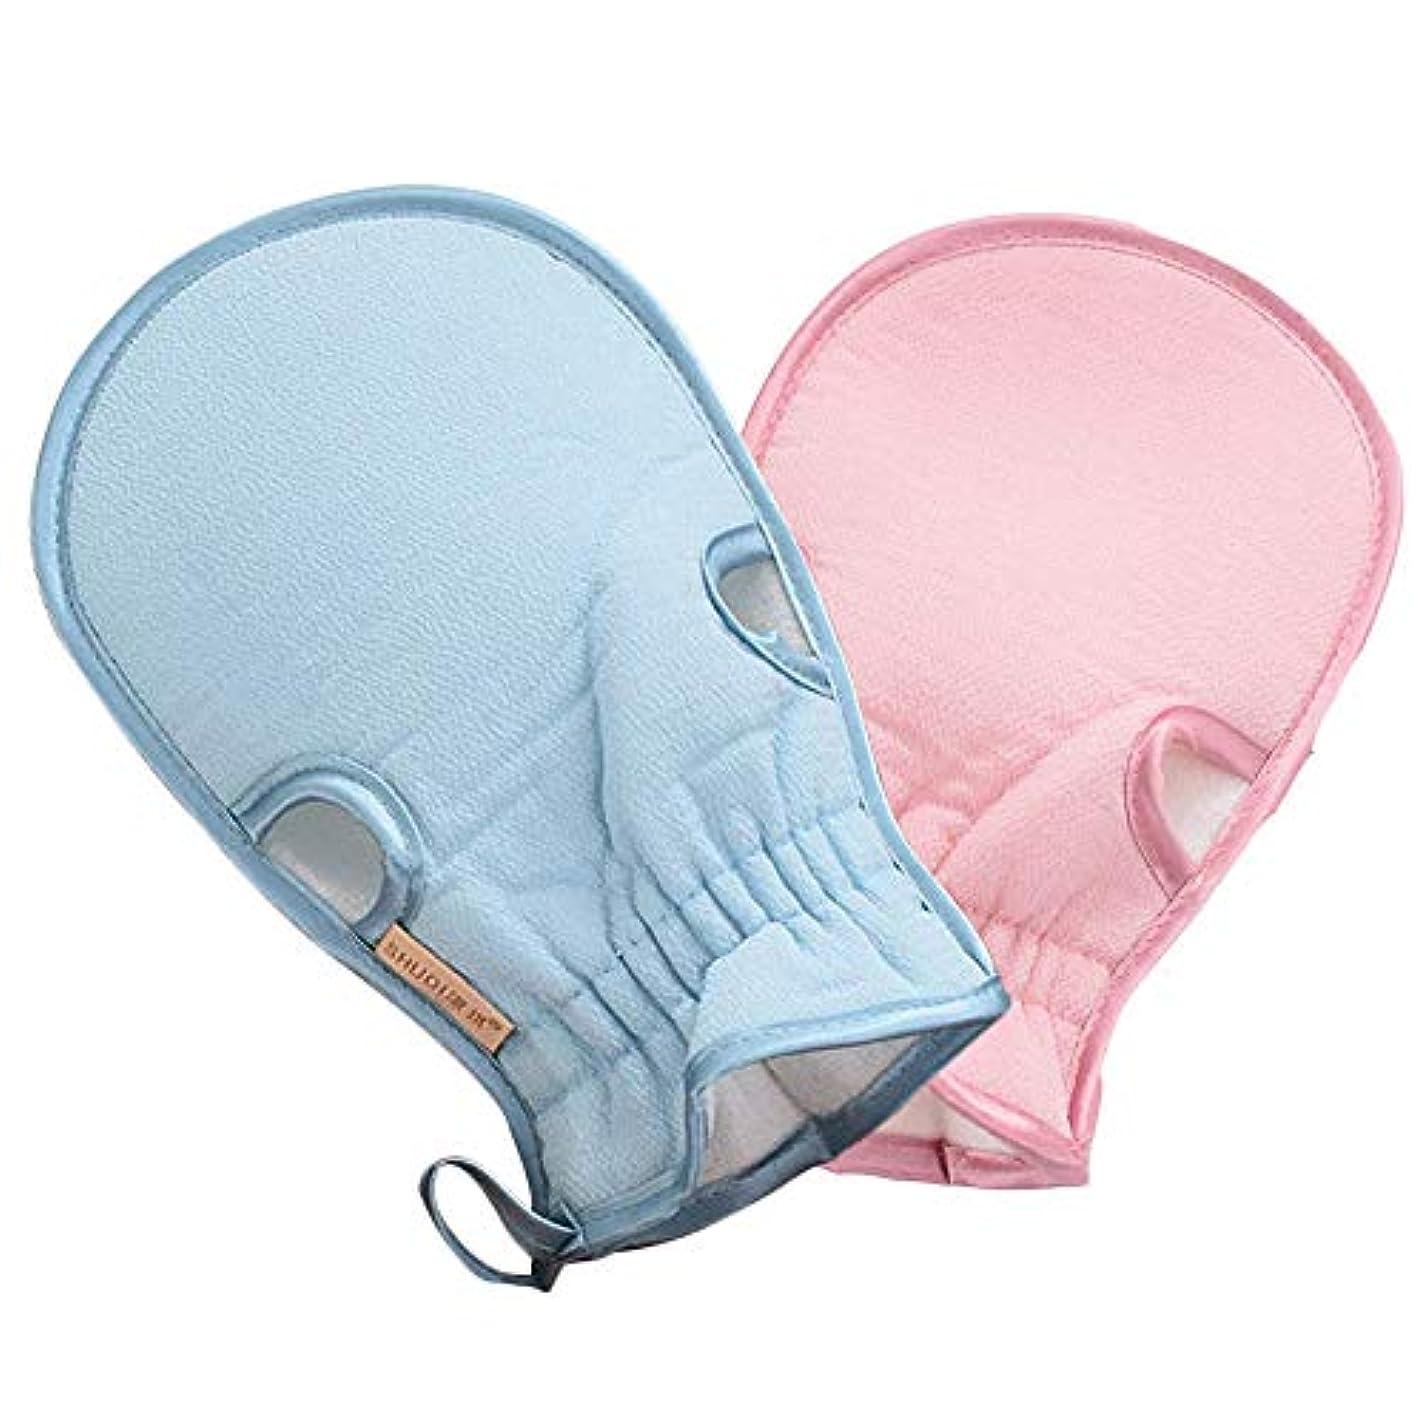 忌避剤ブロンズ定期的な2パック浴用手袋 あかすり ボディタオル 入浴用品 バス用品 垢すり手袋 毛穴清潔 角質除去